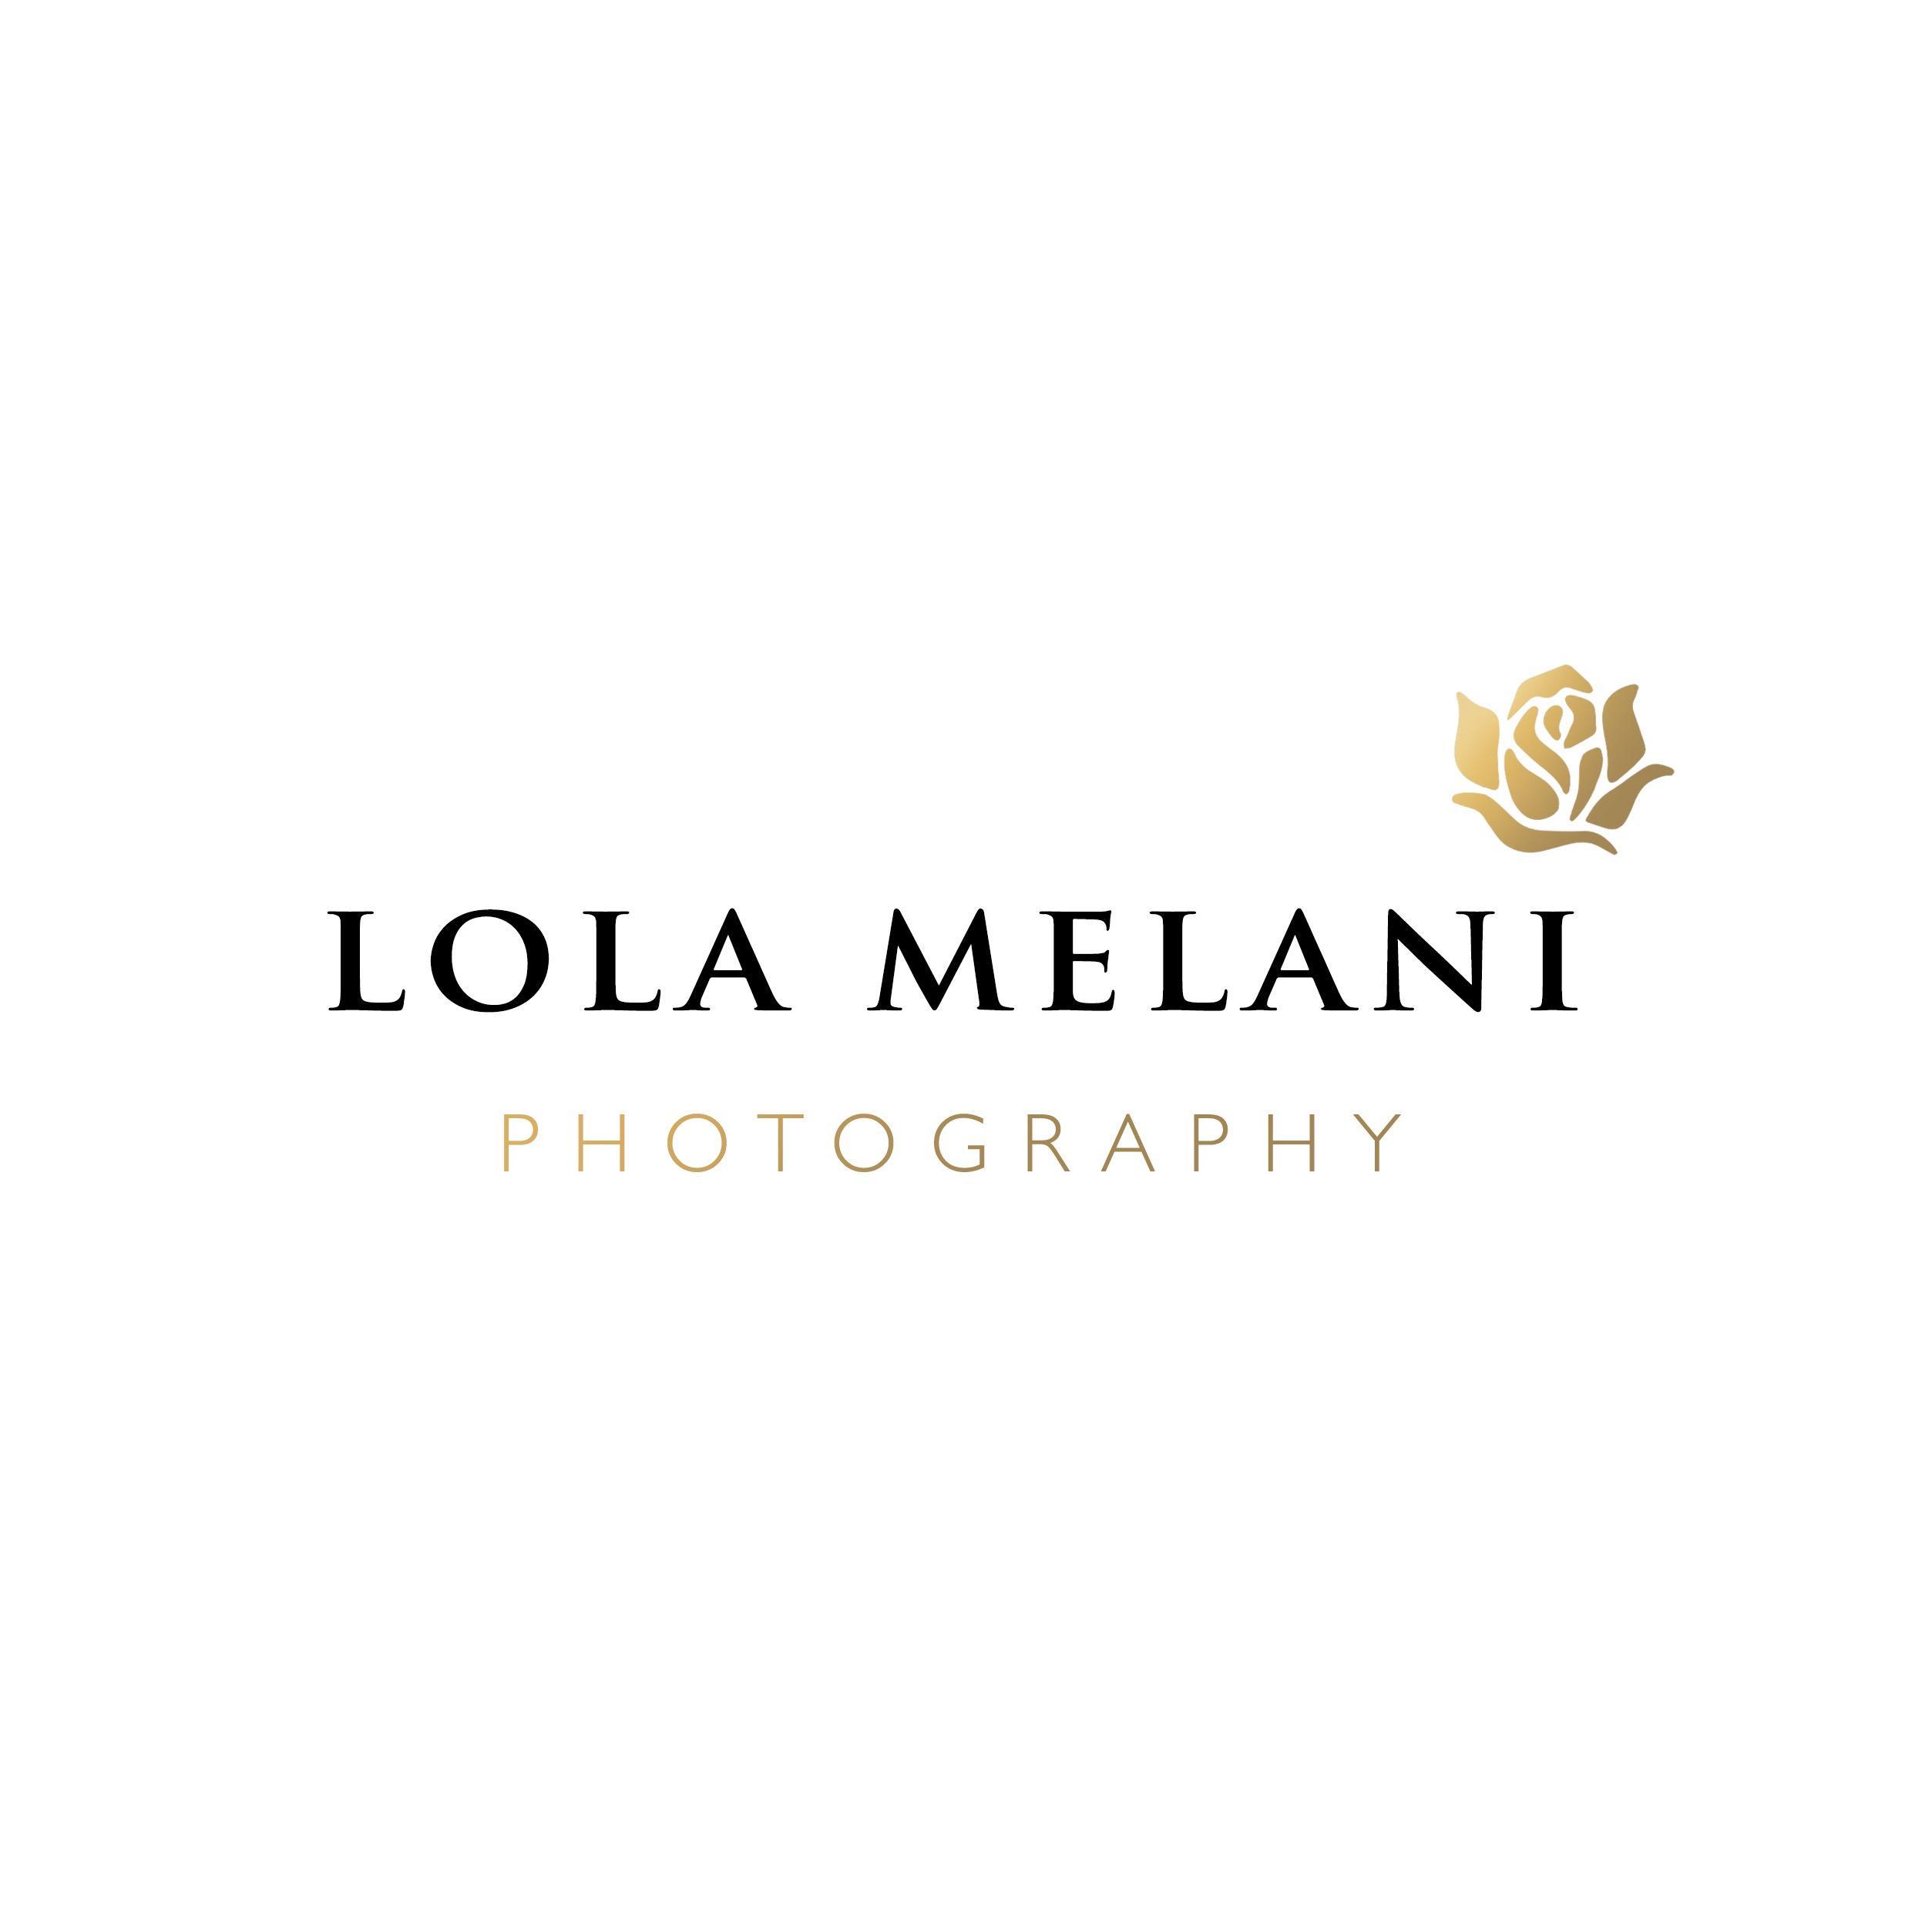 Lola Melani Photography